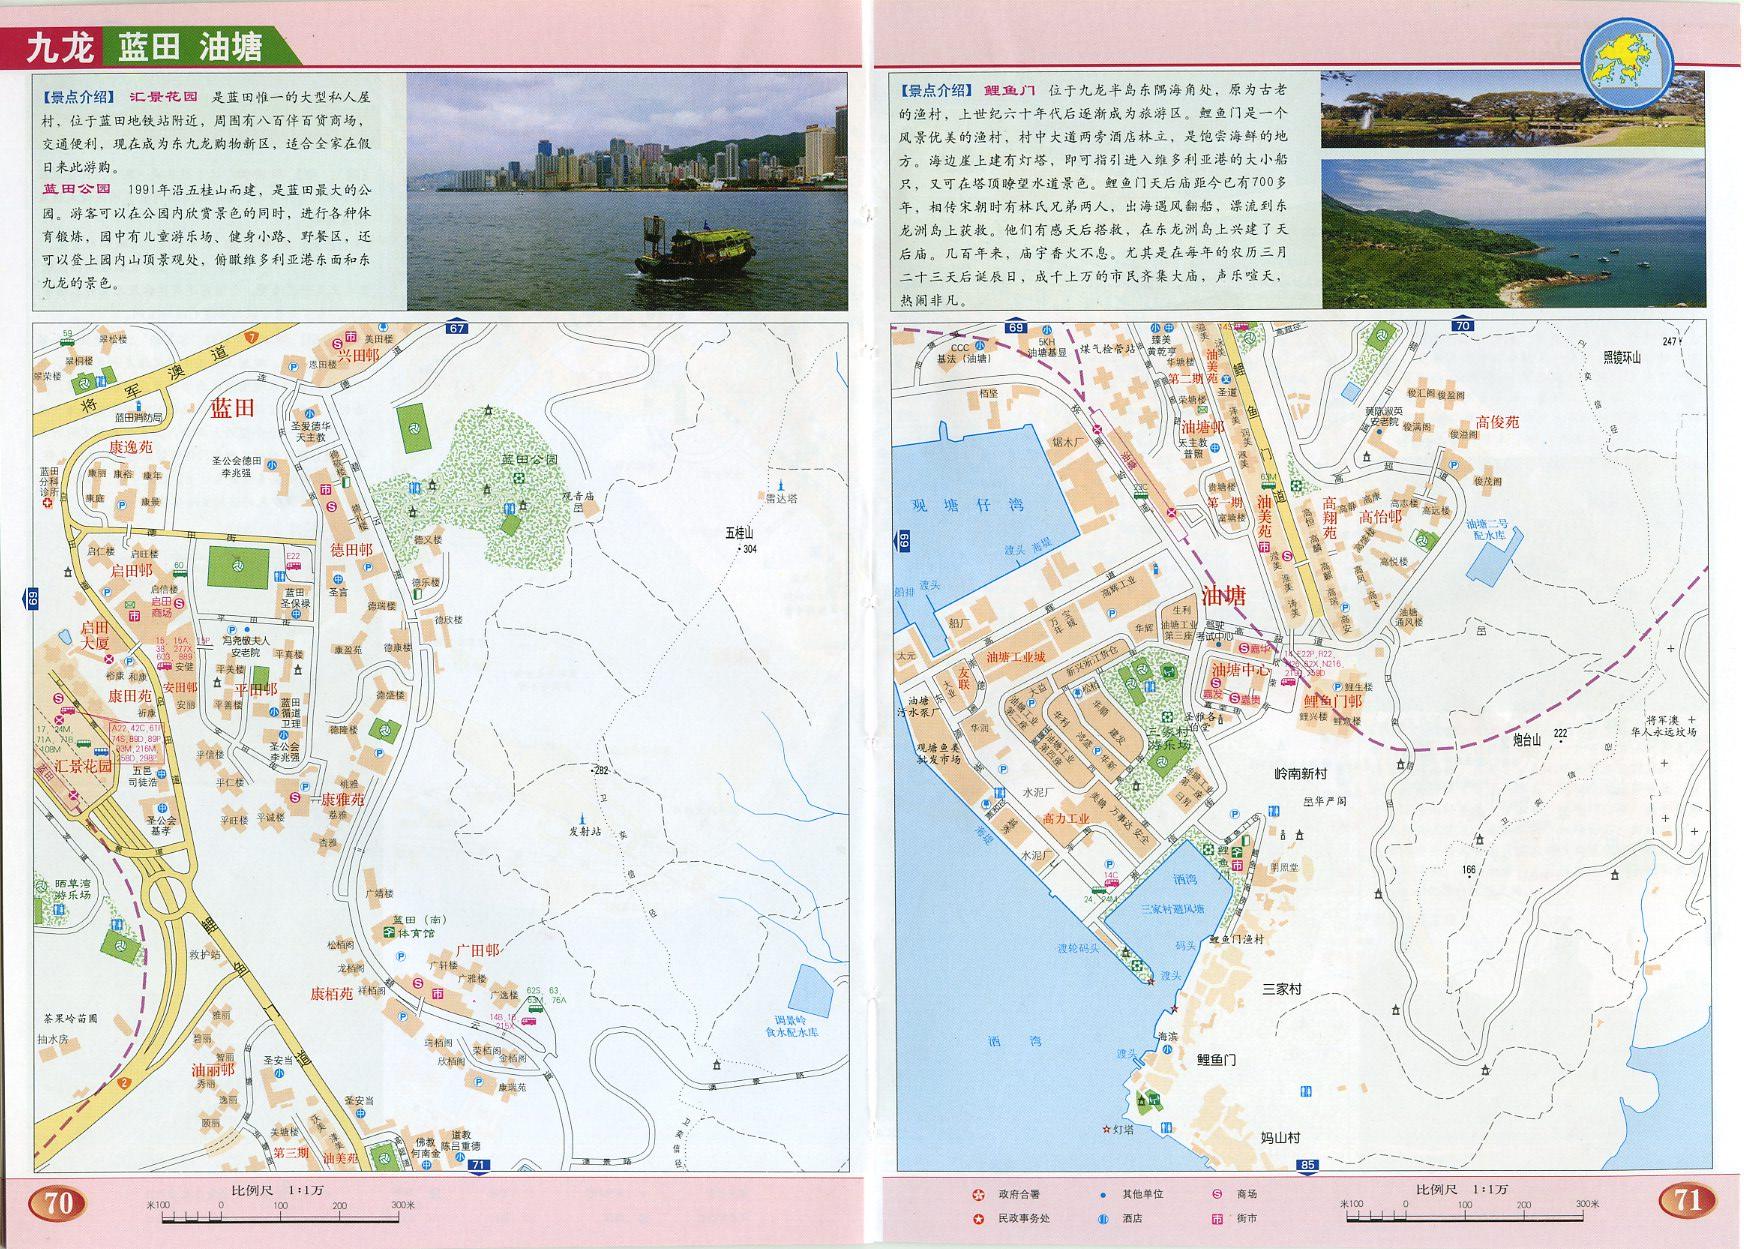 九龙 油塘地图高清版_香港地图库